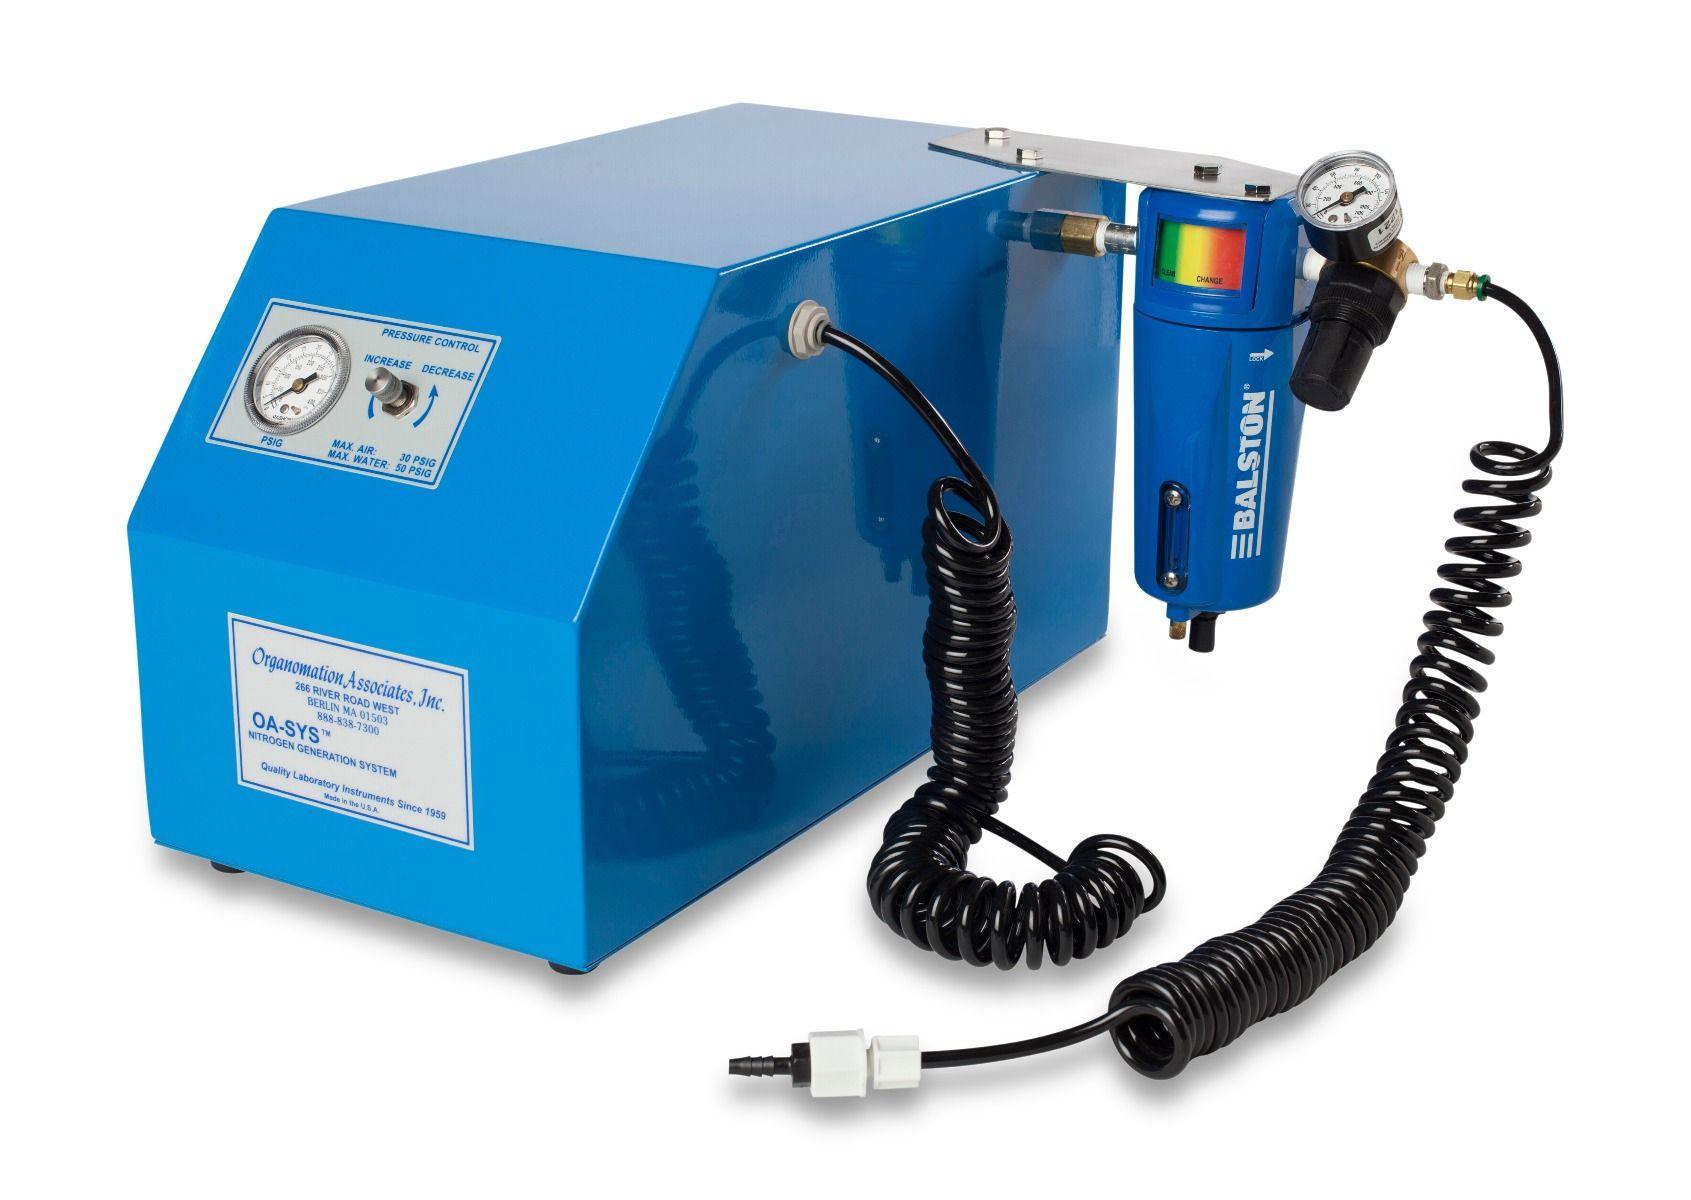 Organomation NITRO-GEN™ 40 Nitrogen Generator